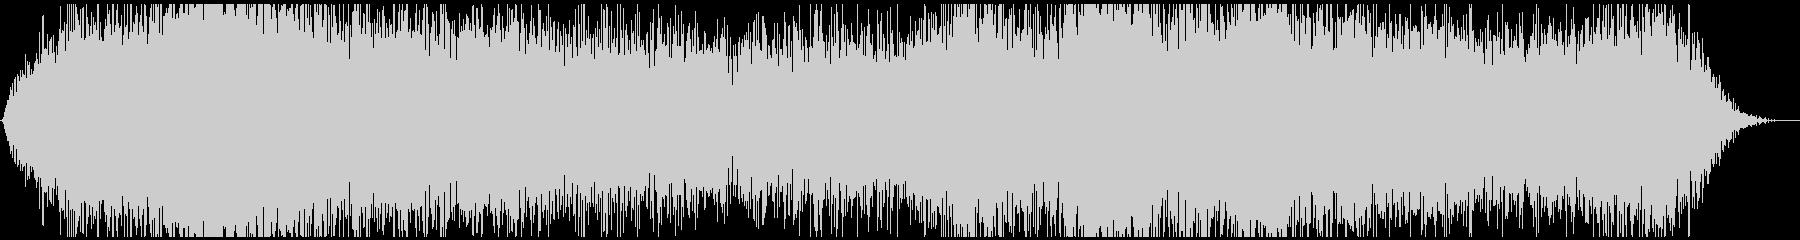 ドローン バブリング01の未再生の波形